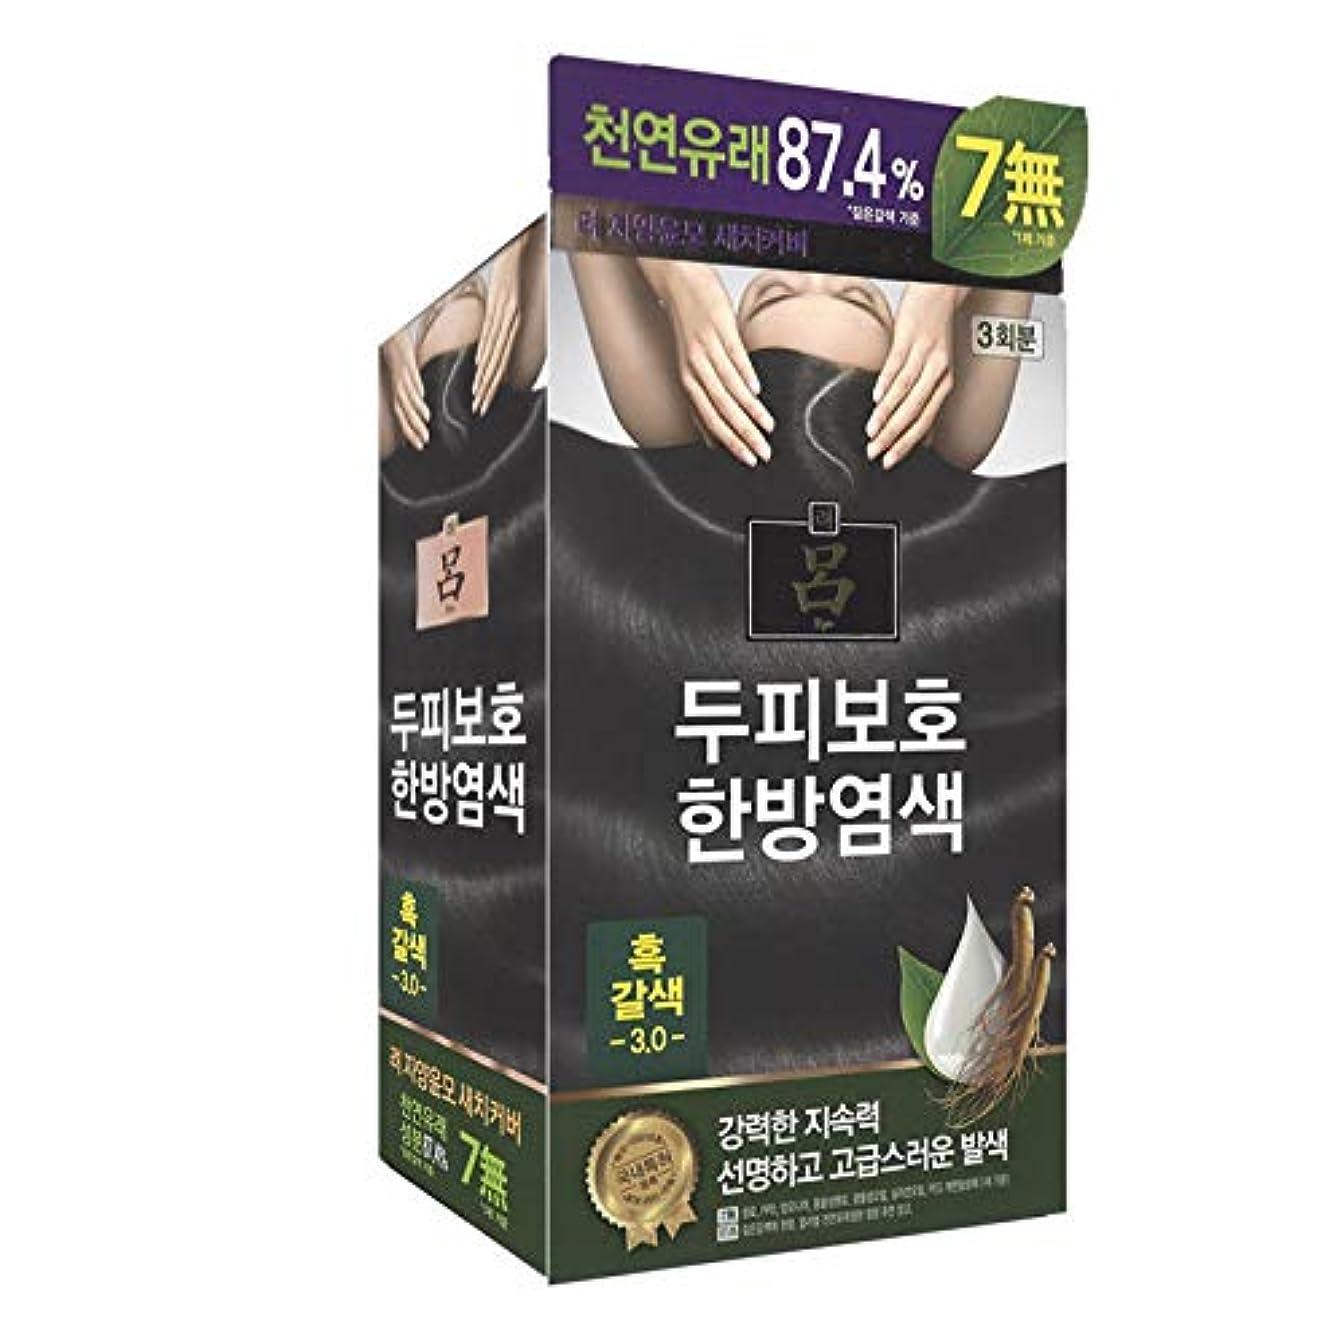 雑種論理的にパキスタンアモーレパシフィック呂[AMOREPACIFIC/Ryo] Jayang Yunmoグレーヘアカバー 3.0 黒褐色(Blackish Brown)